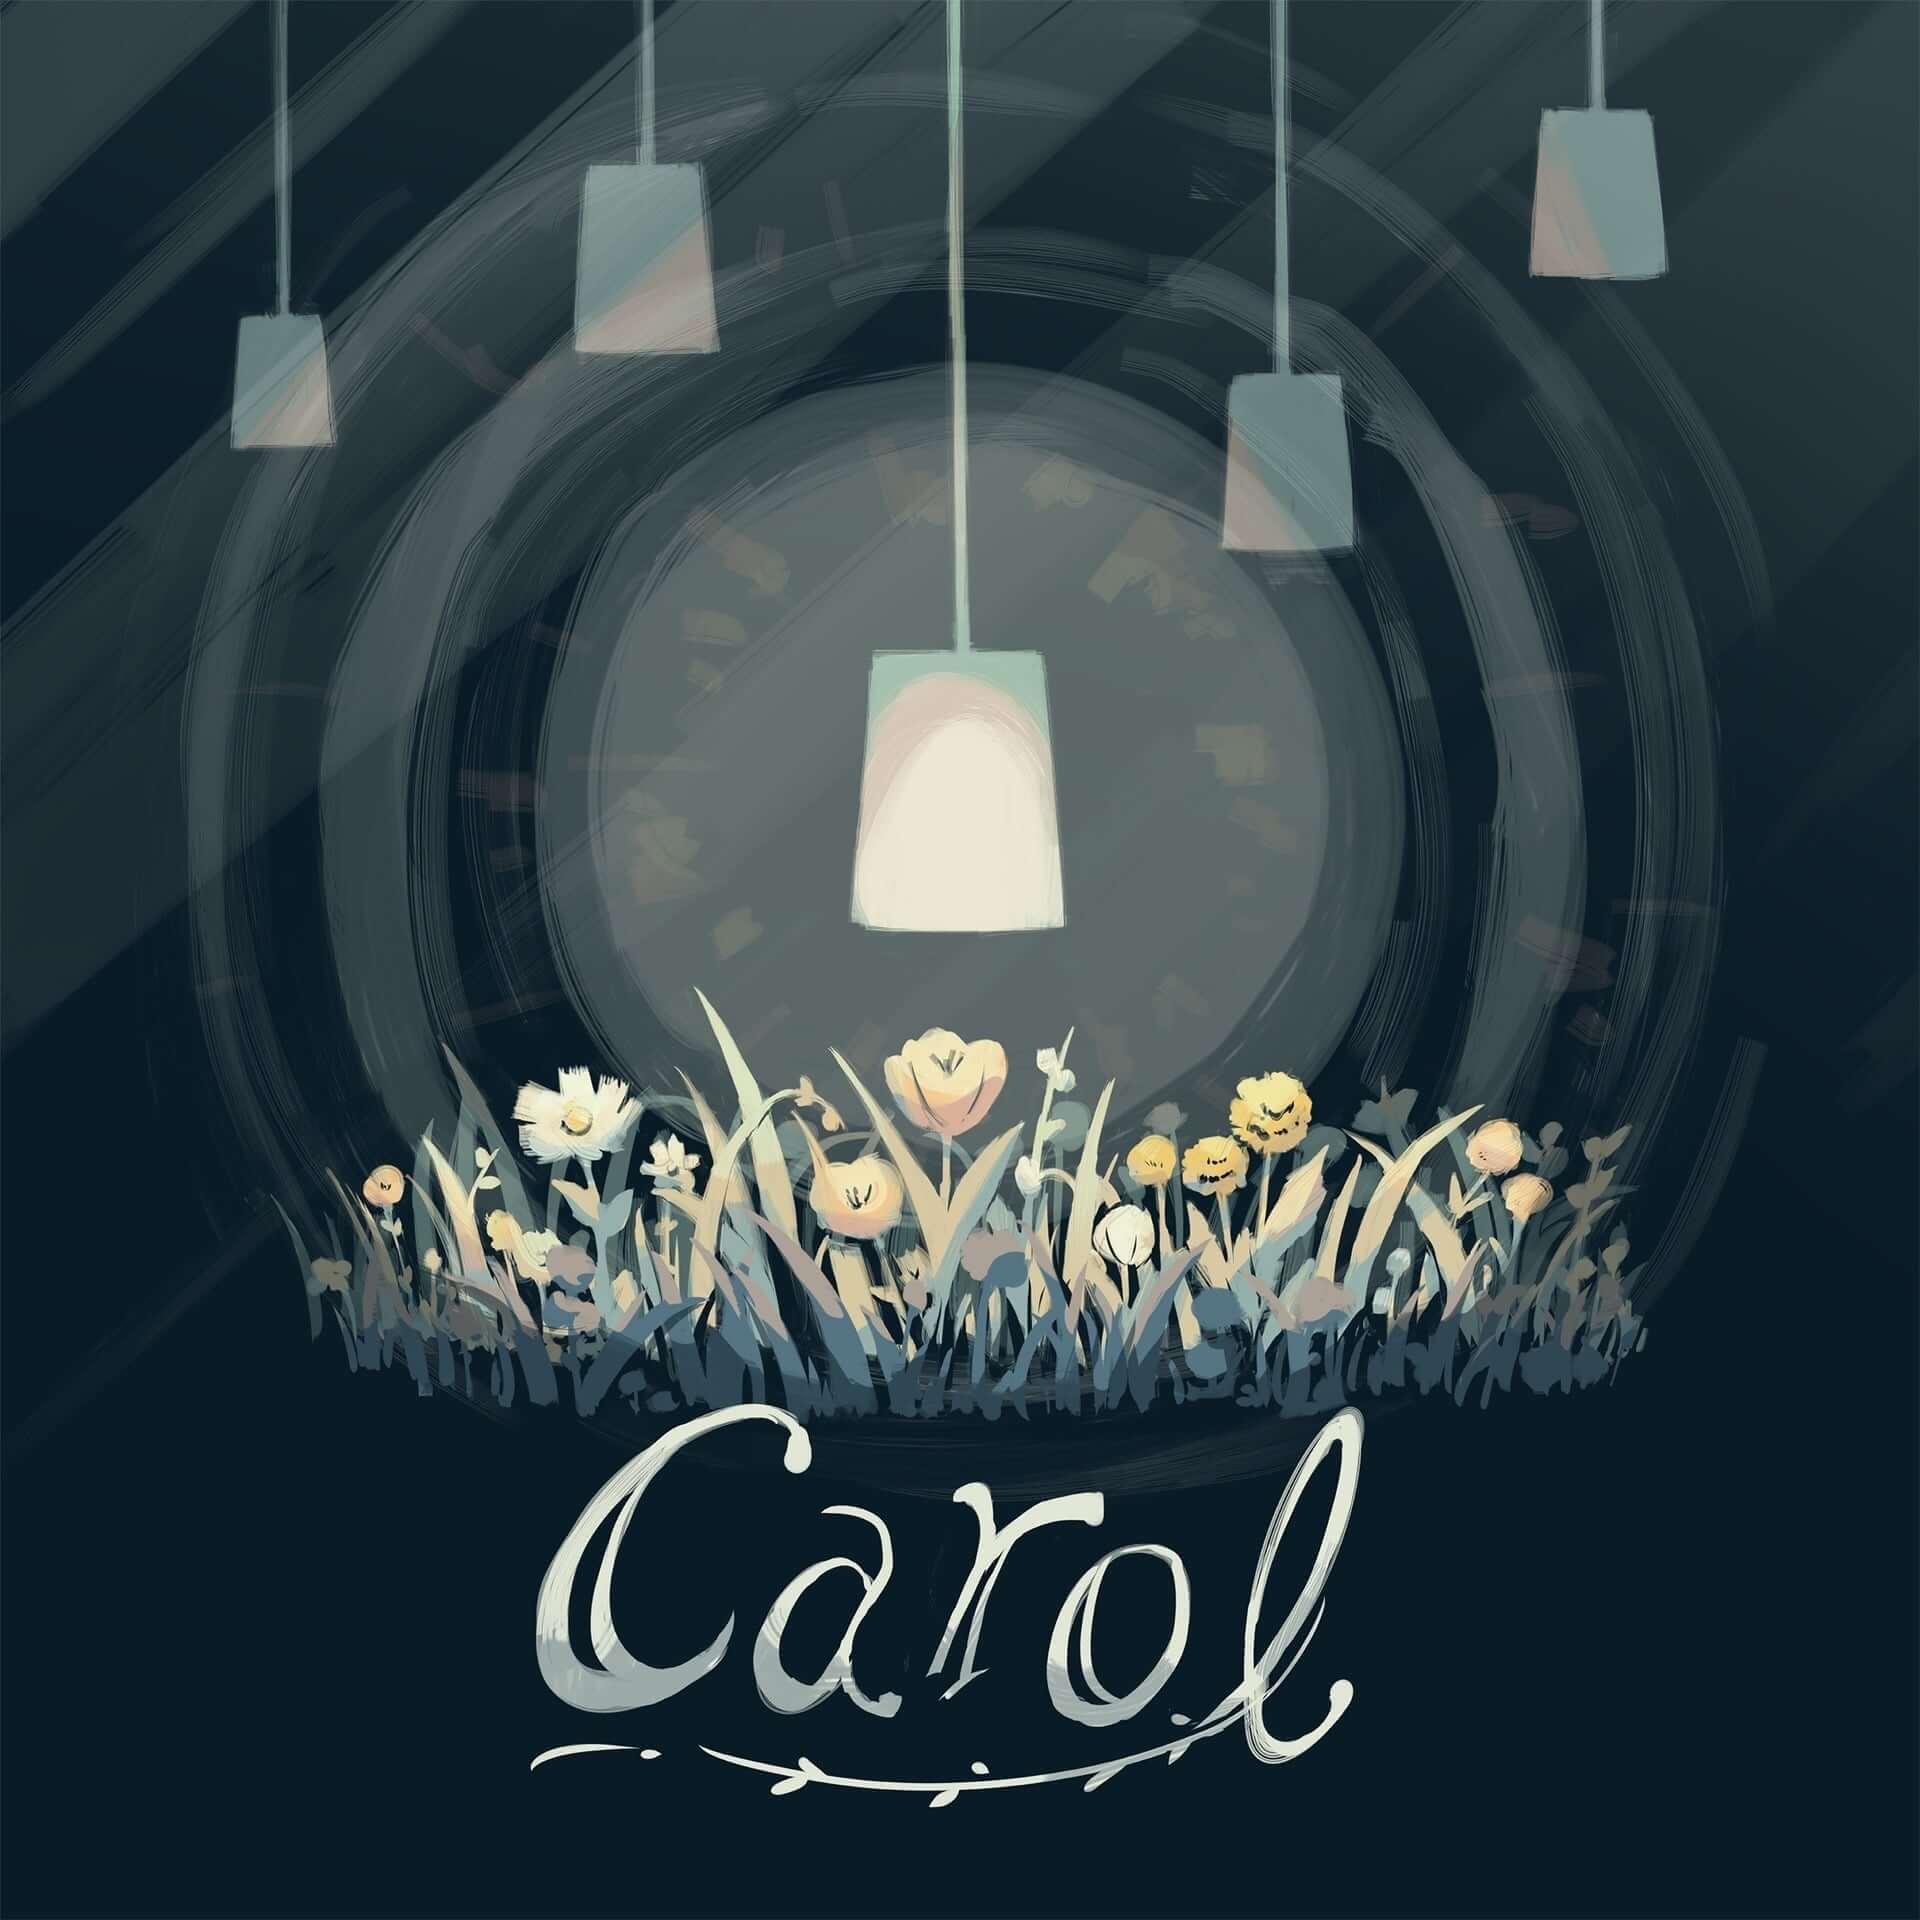 """須田景凪書き下ろし、『NHKみんなのうた』の新曲""""Carol""""のフルバージョンがJ-WAVE『SONAR MUSIC』で初オンエア決定! music200630_sudakeina_2-1920x1920"""